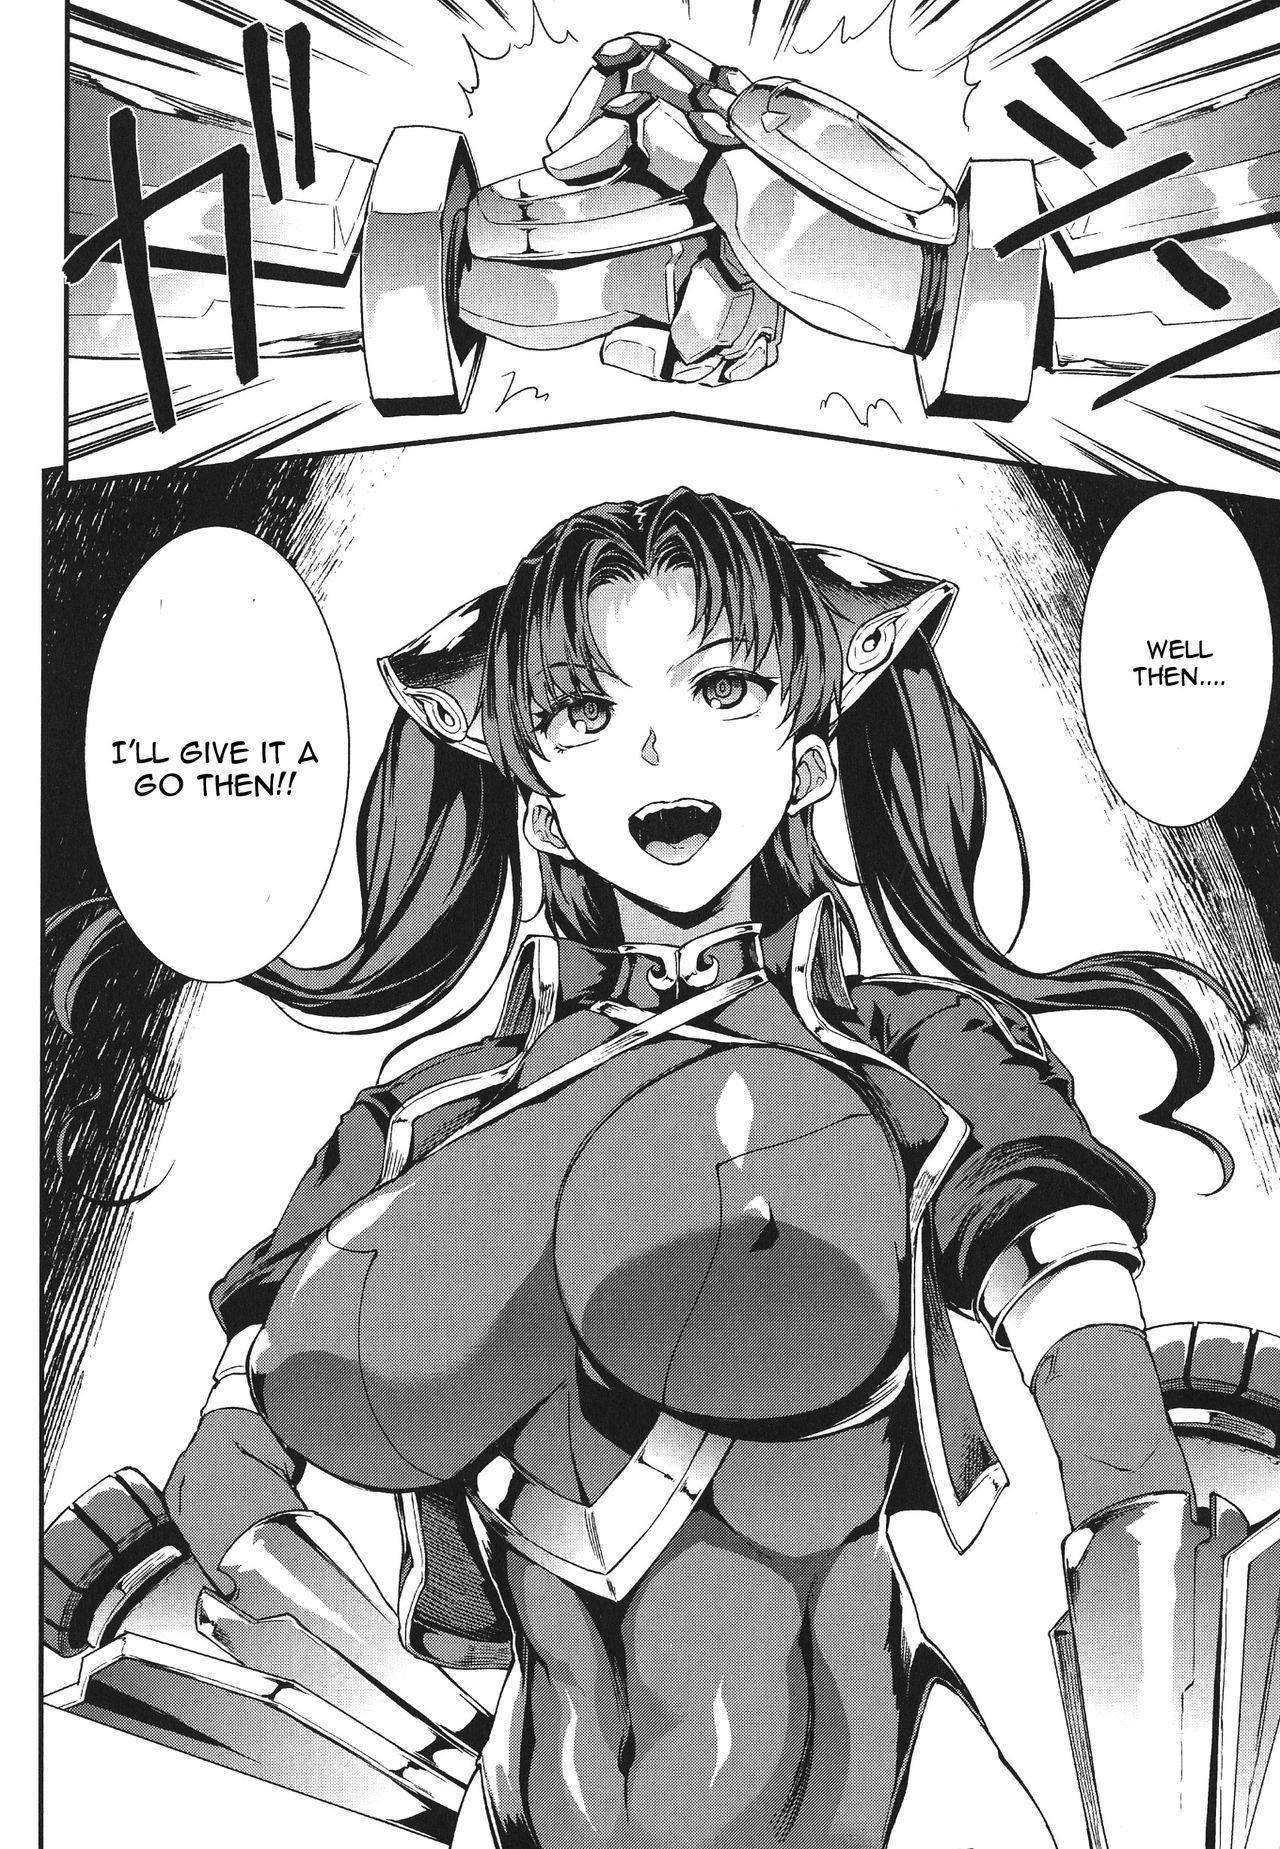 [Erect Sawaru] Raikou Shinki Igis Magia -PANDRA saga 3rd ignition- Ch. 1-6 [English] [CGrascal] 106